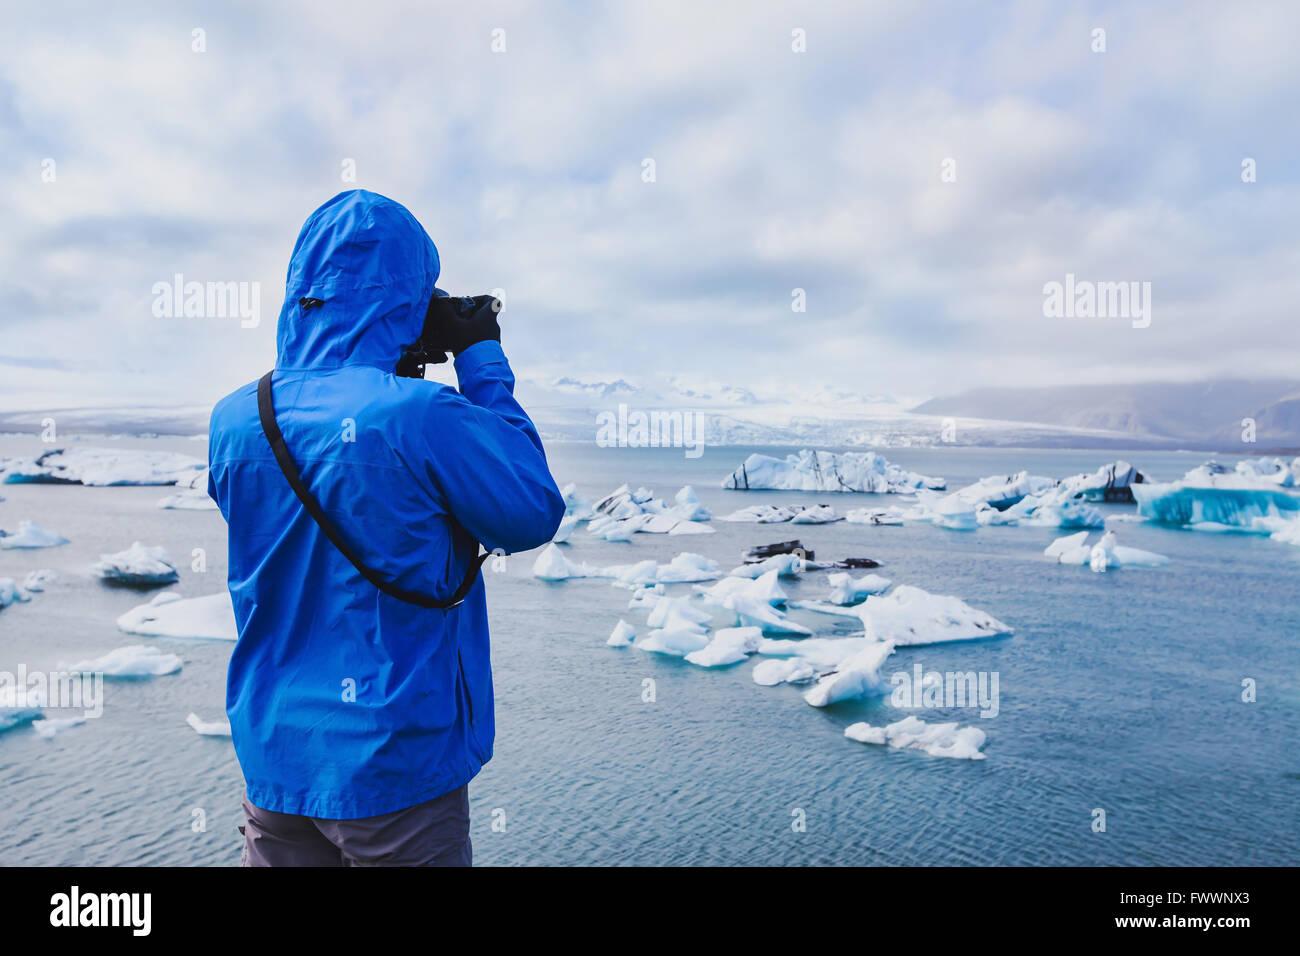 Fotógrafo de Viajes Naturaleza, persona tomando fotos de icebergs del ártico en Islandia Imagen De Stock